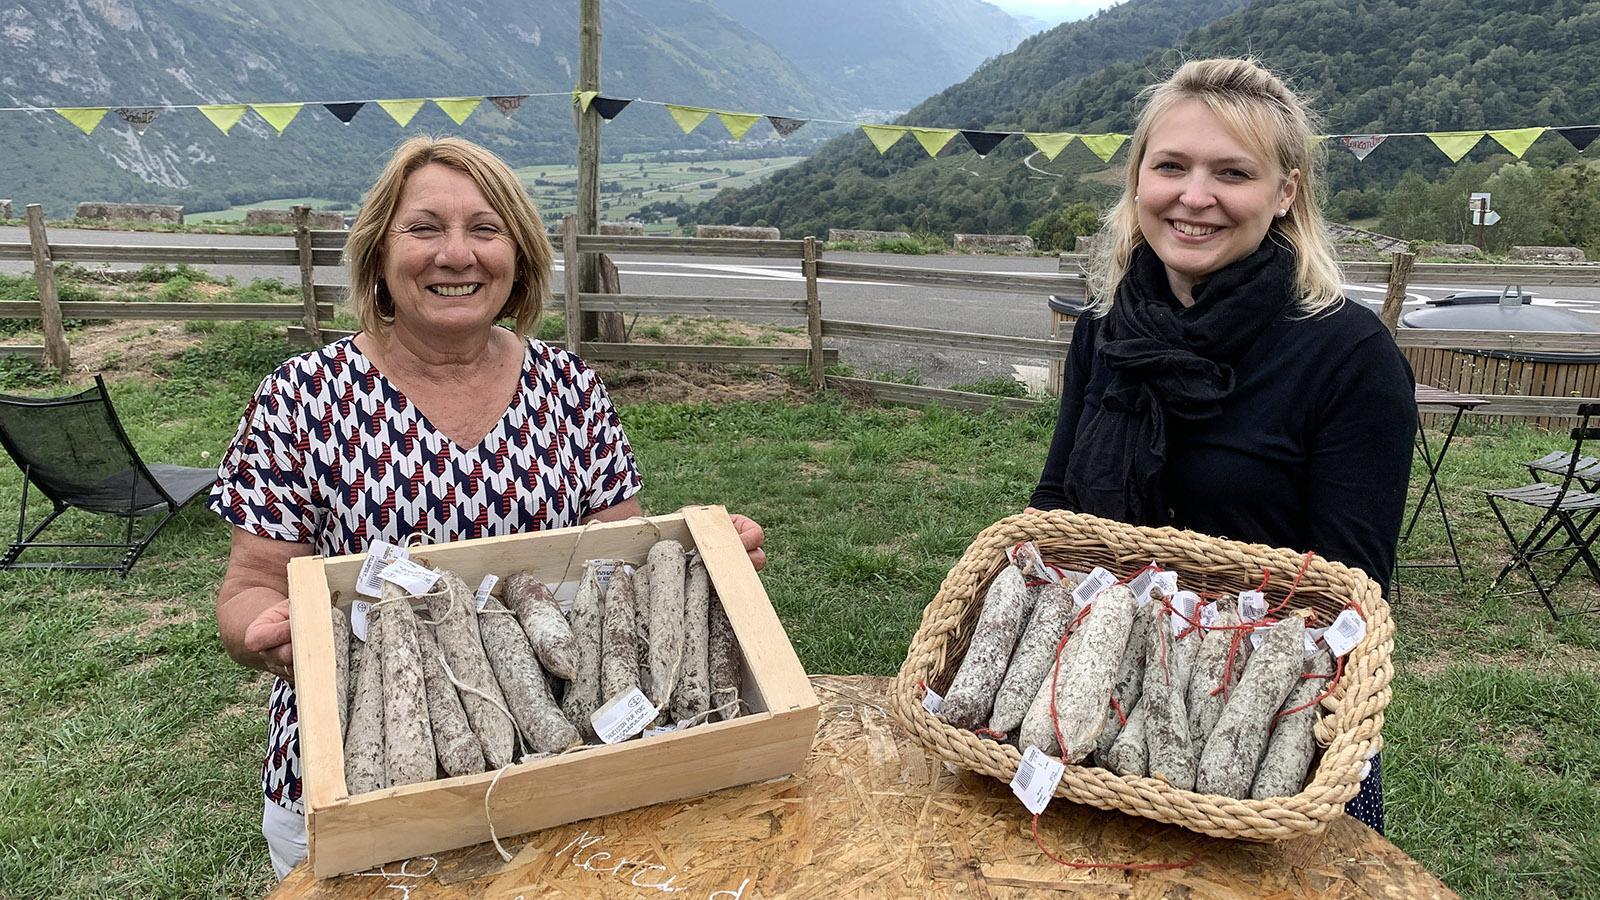 (v.l.): In Bilhères-en-Ossau verkauften Marie-José Capdaspé und Camille Bailly und von Montagne Gourmande Hartwürste von Ente und Schwein am Tag der Tour.